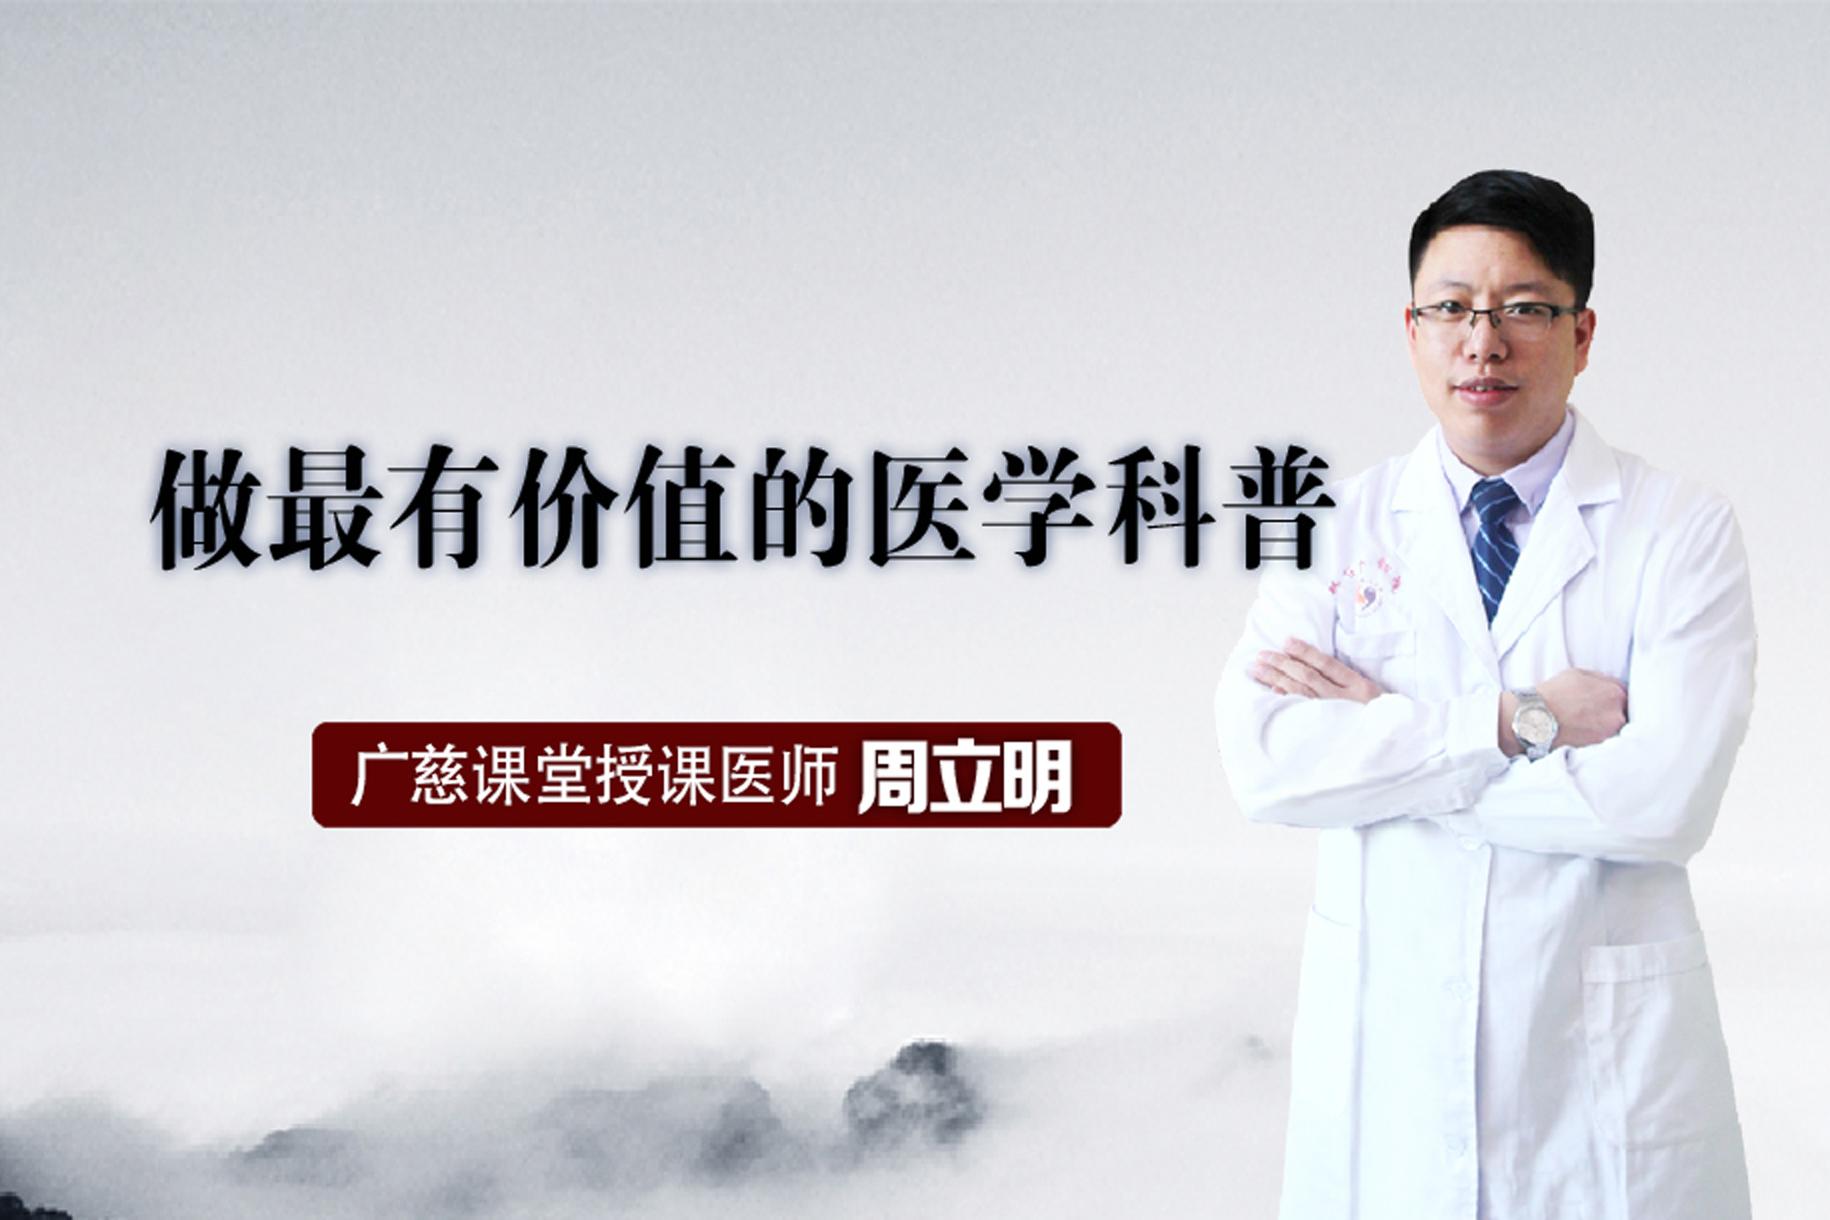 邢台广慈医院主任讲解《精液发黄怎么办》